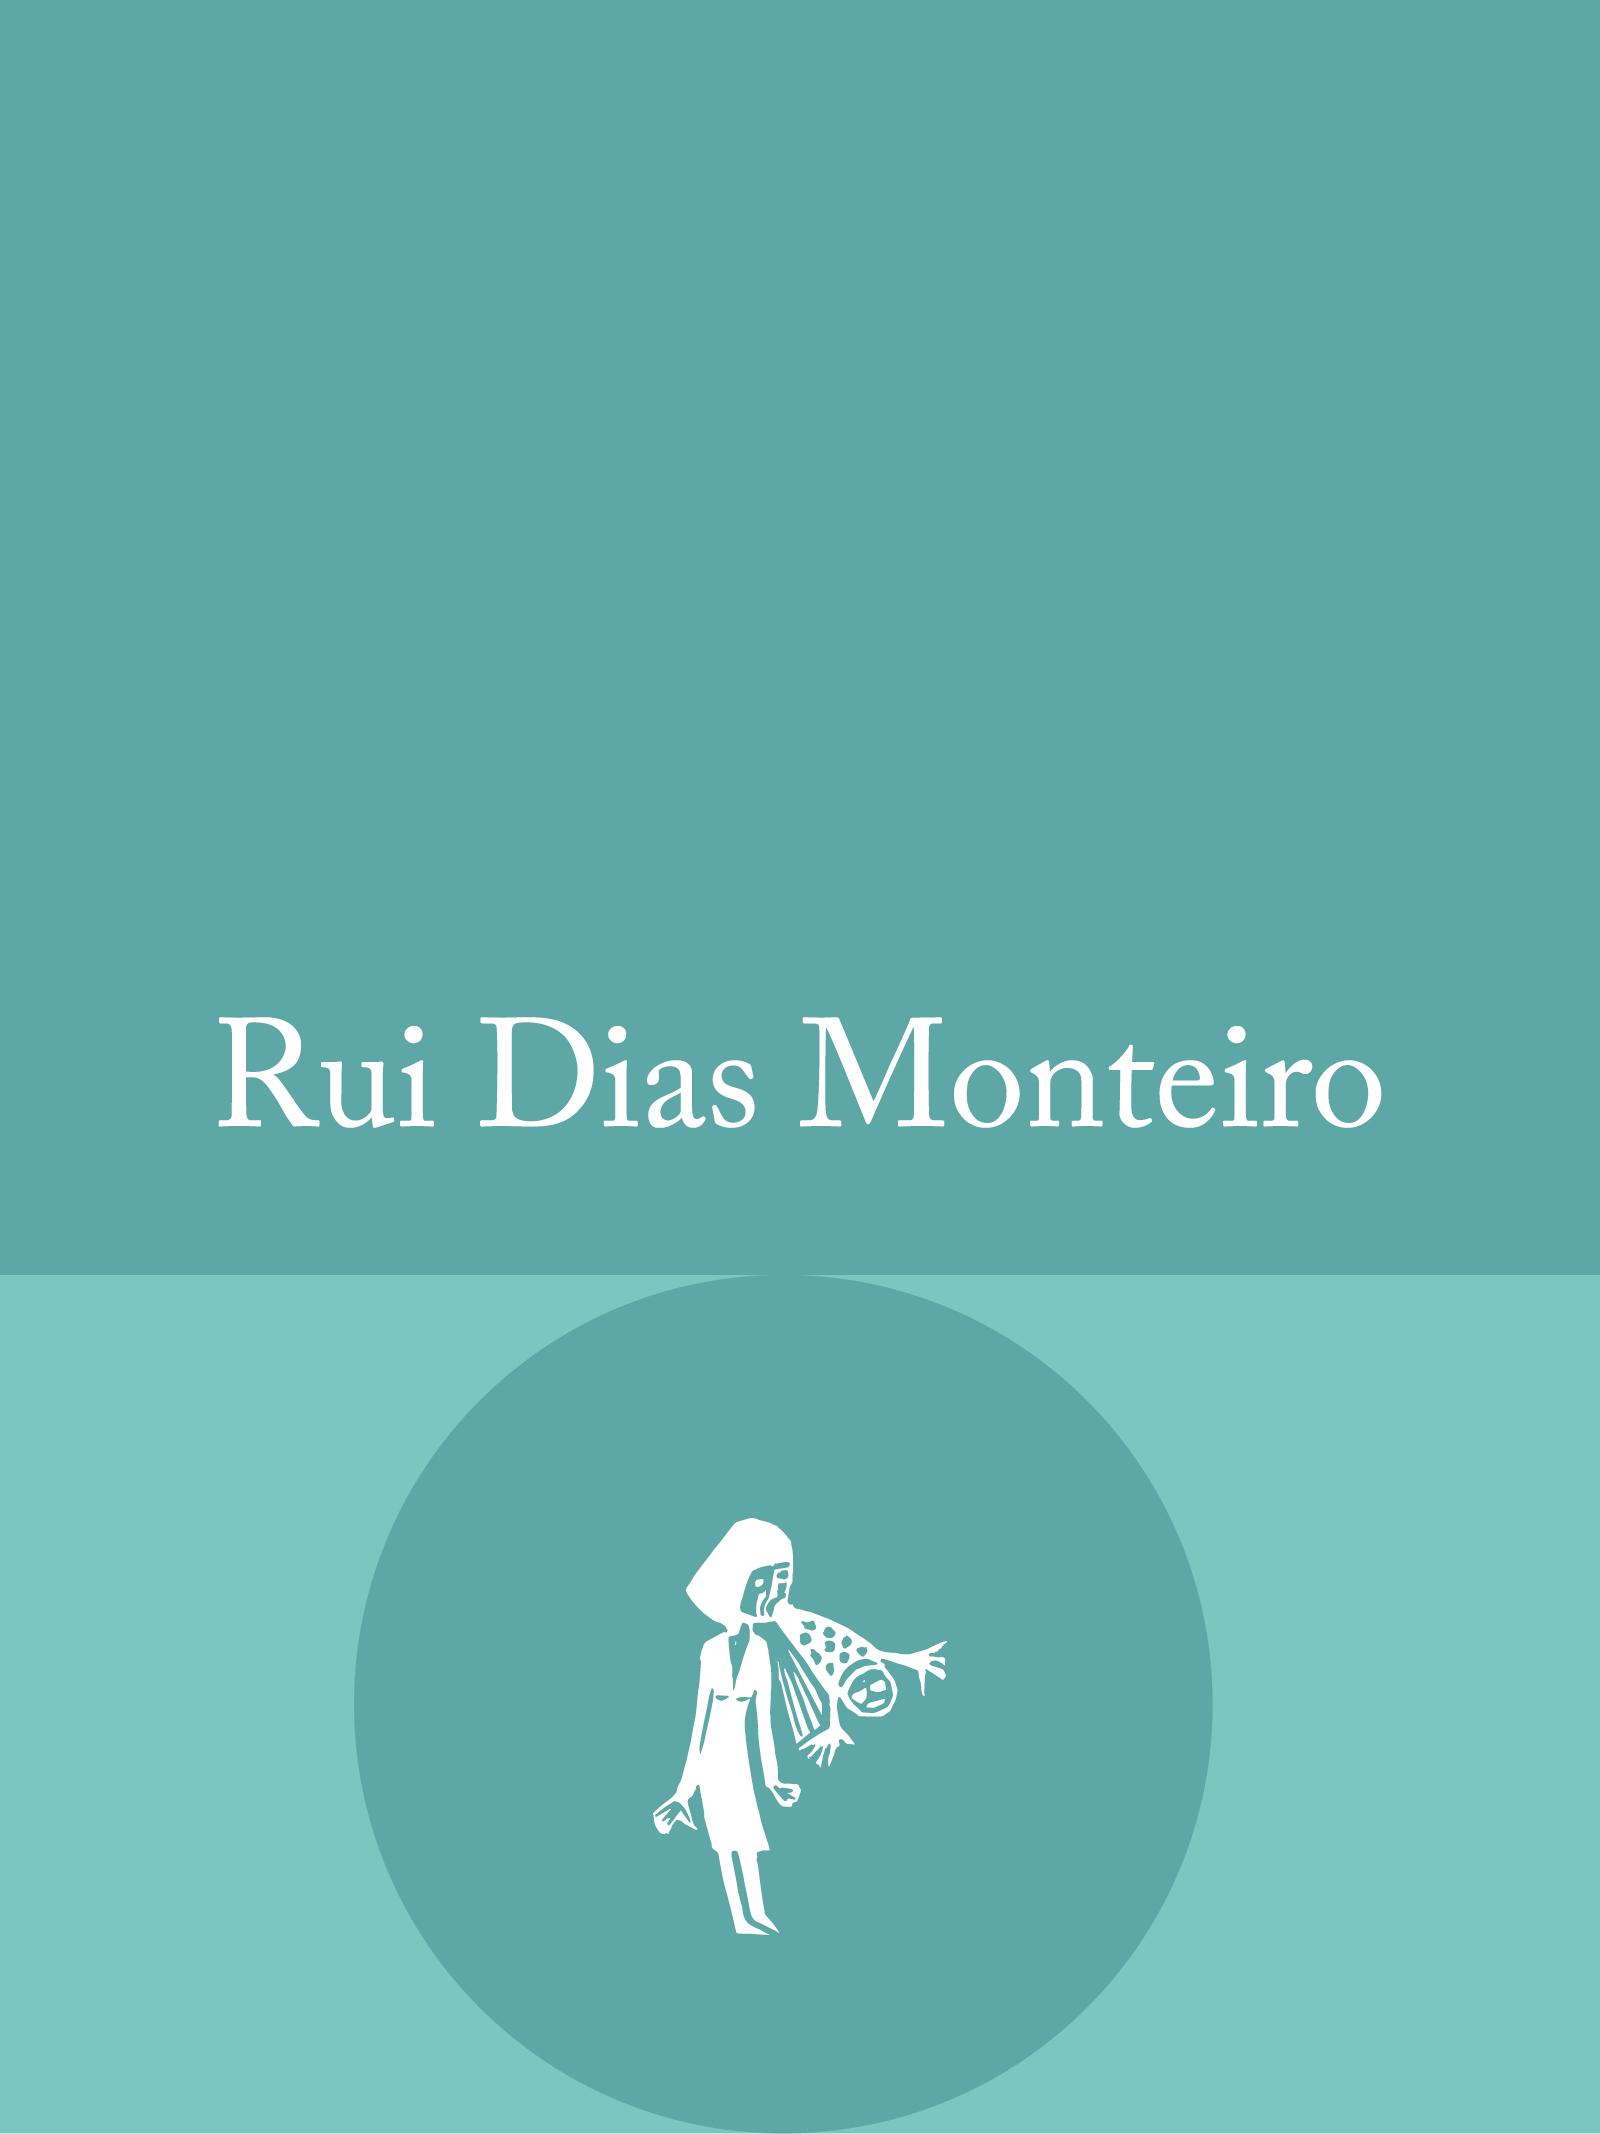 RuiDiasMonteiro.jpg